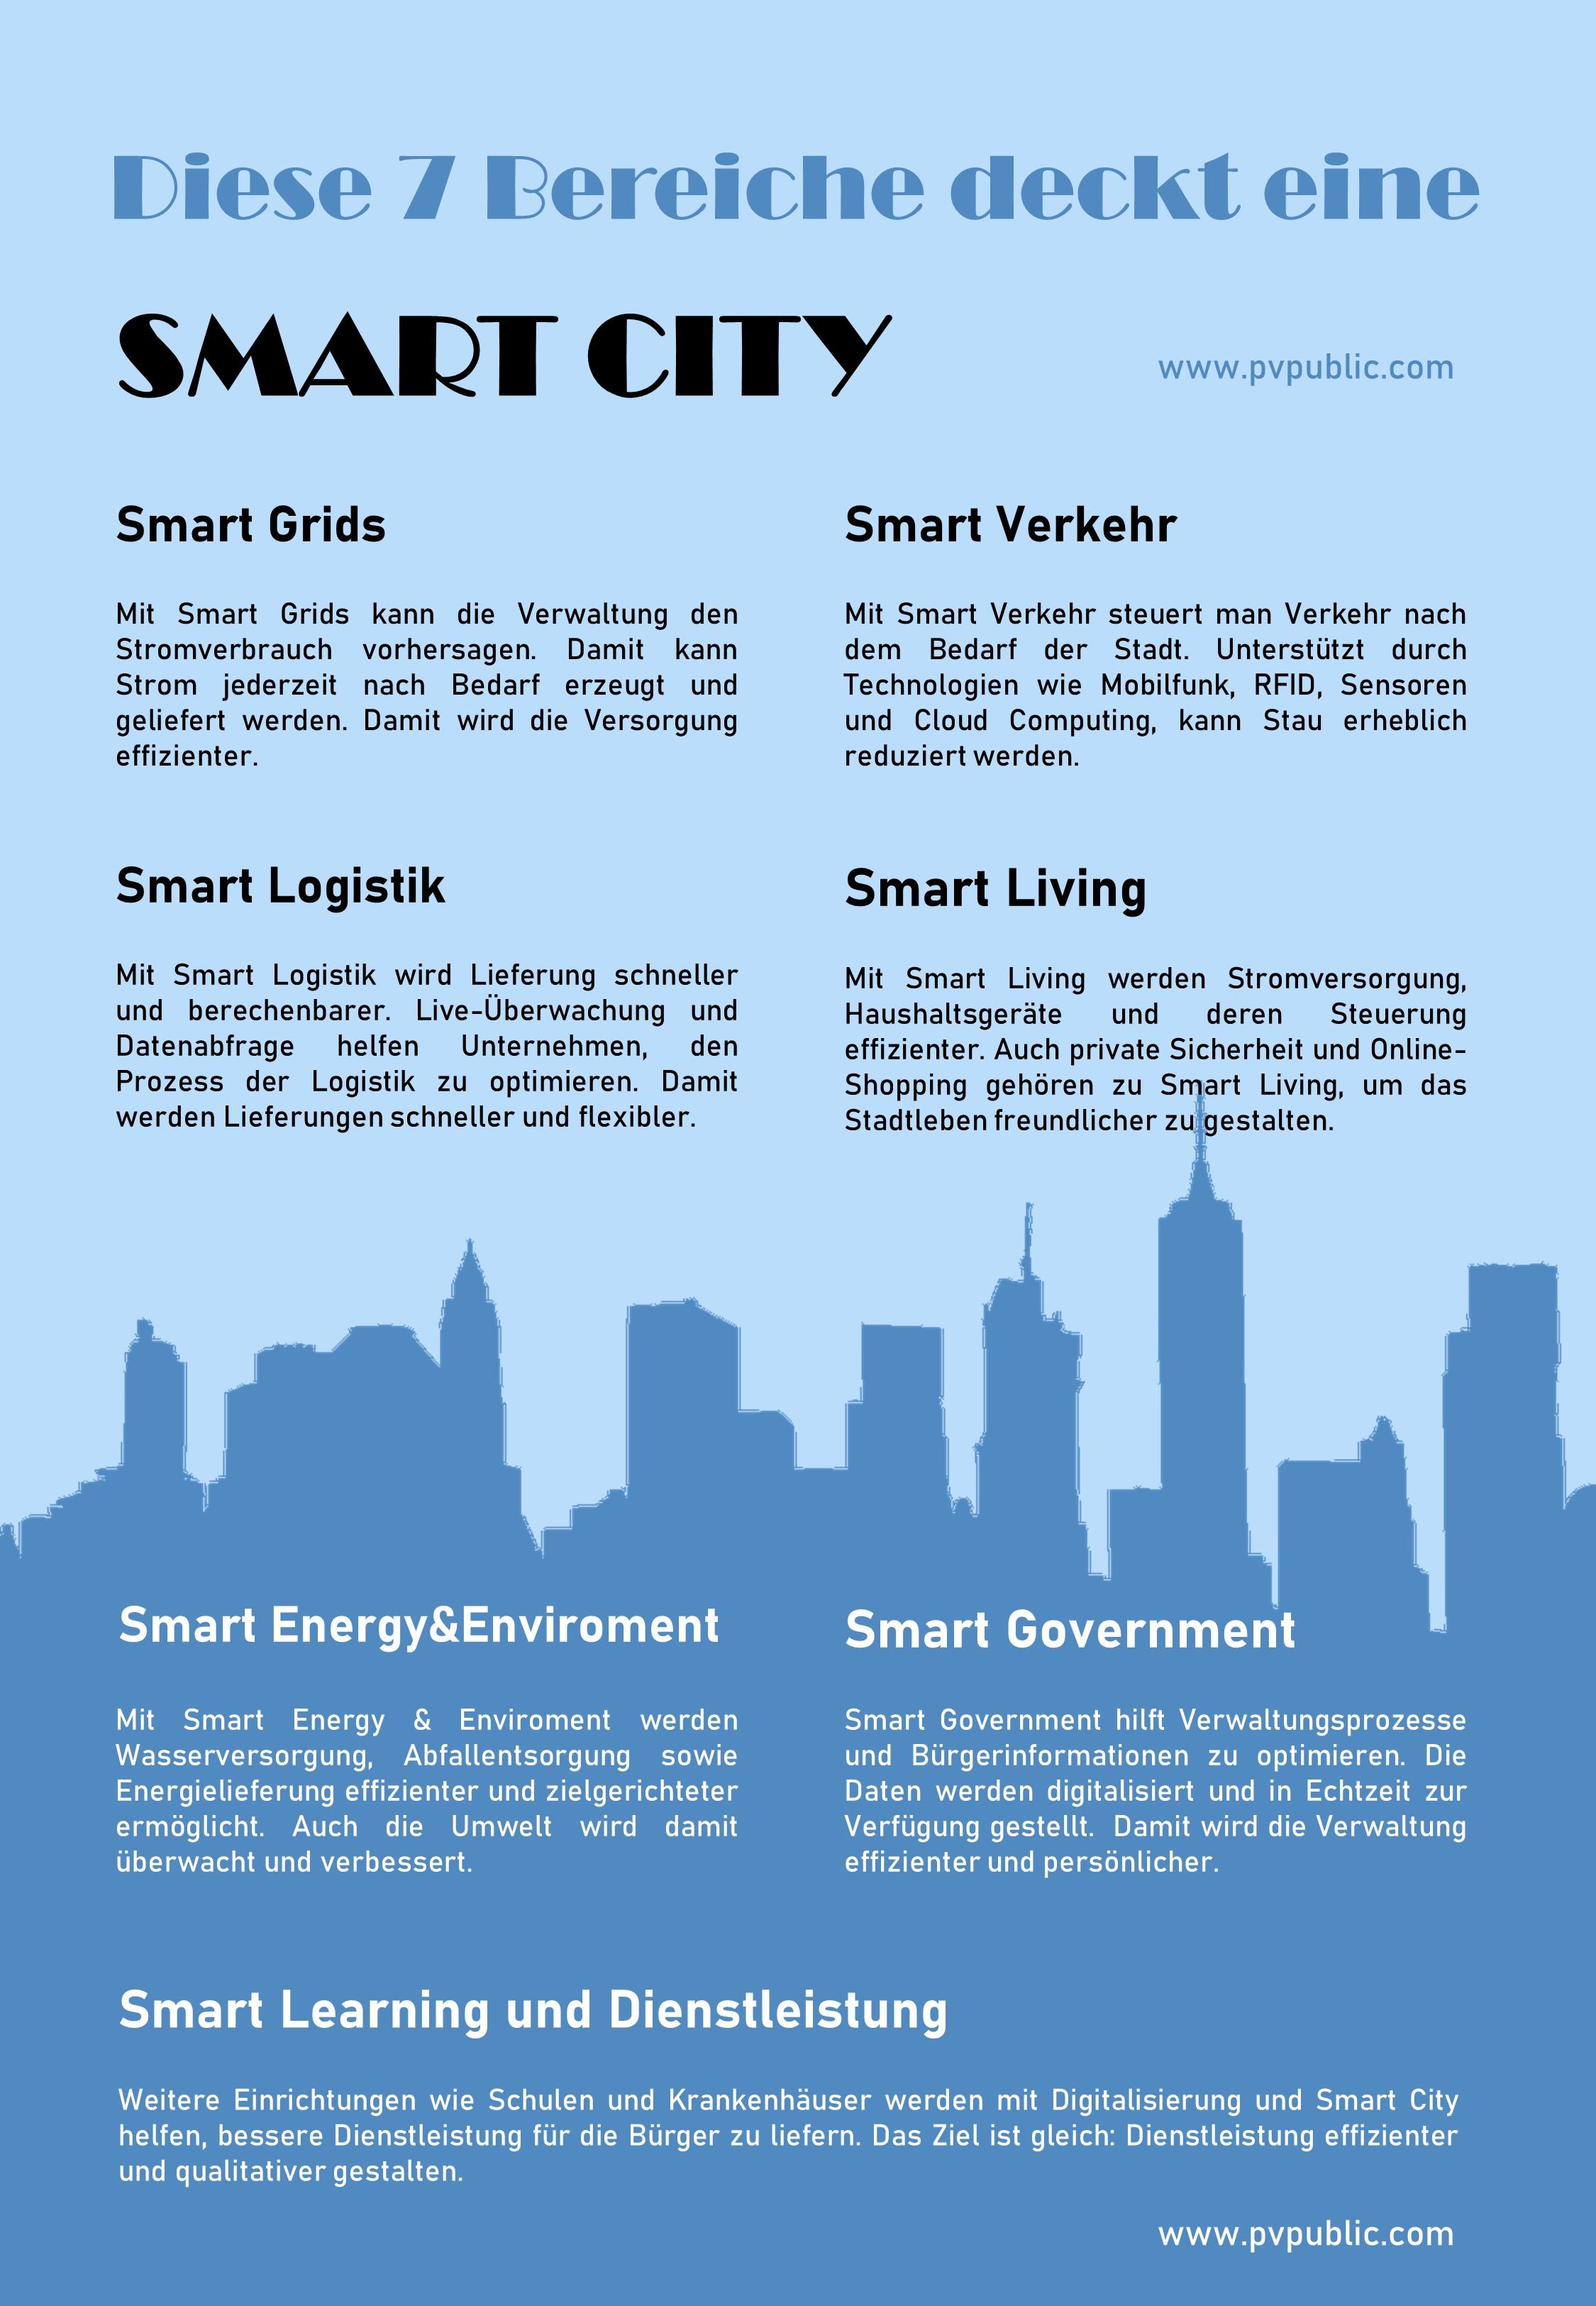 Smart City: 7 Bereiche, die sie deckt